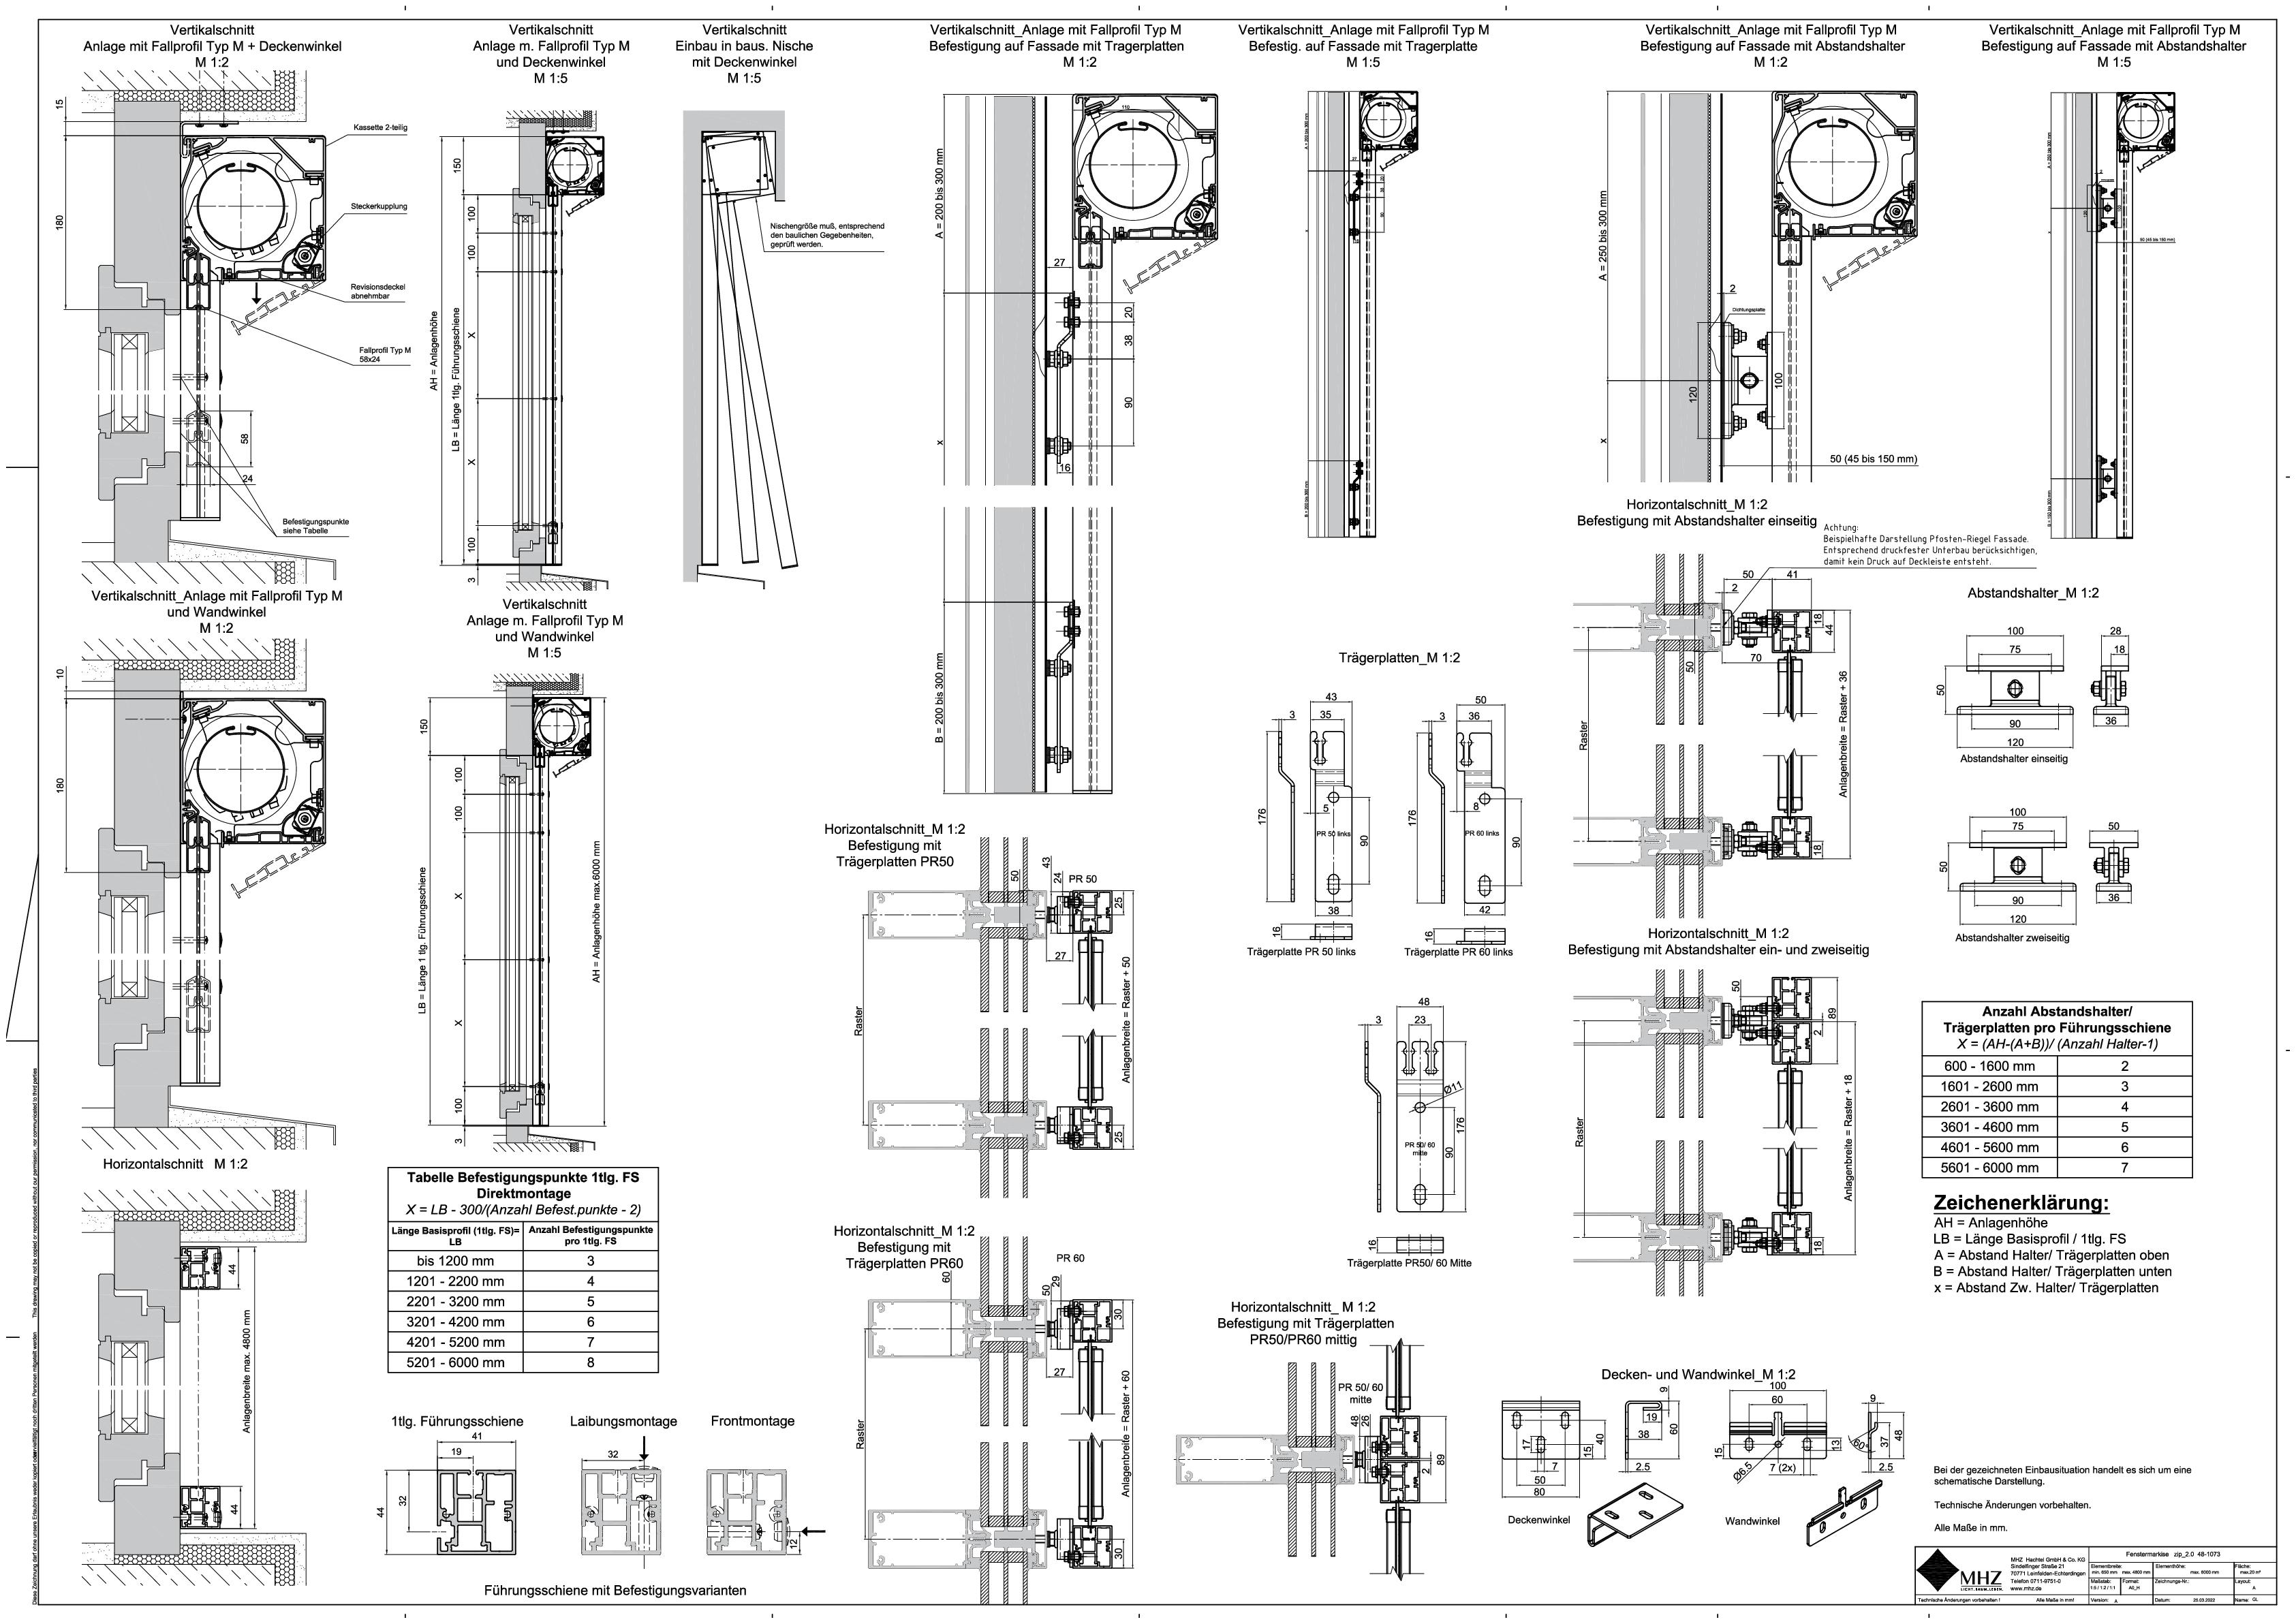 Technische Zeichnung Fenstermarkisen zip_2.0 48-1073 (dwg)